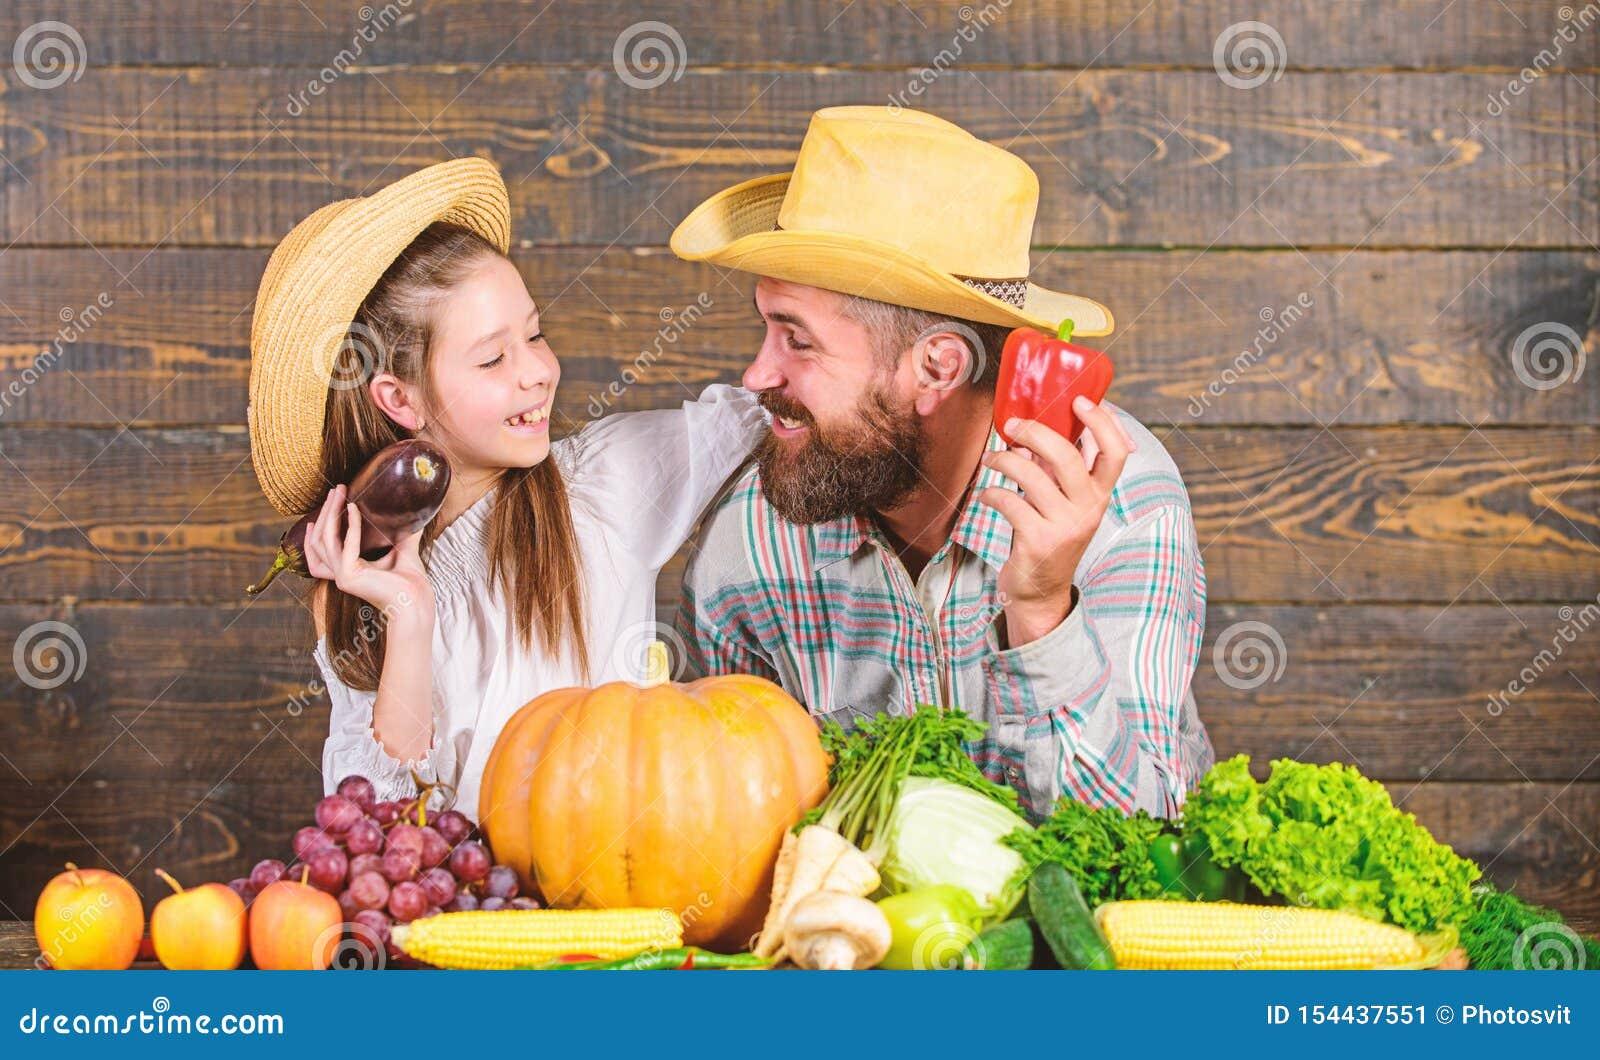 Садовник фермера отца семьи с дочерью около овощей сбора Образ жизни семьи сельской местности Рынок фермы с падением